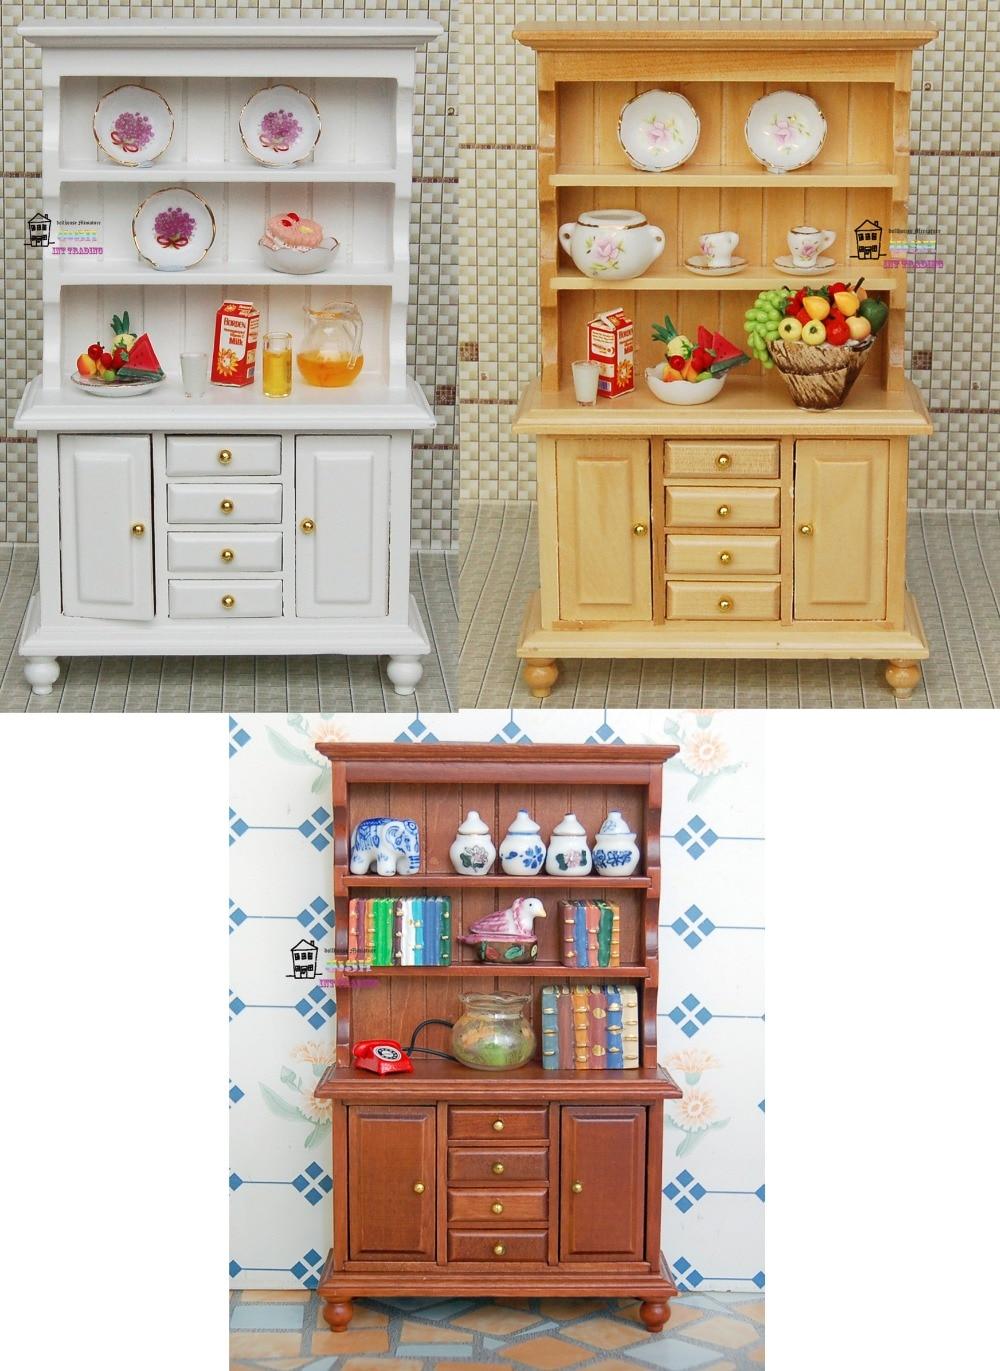 Vitrinekast Voor Keuken.6 57 Poppenhuis Miniatuur 1 12 Size Poppen Meubels Houten